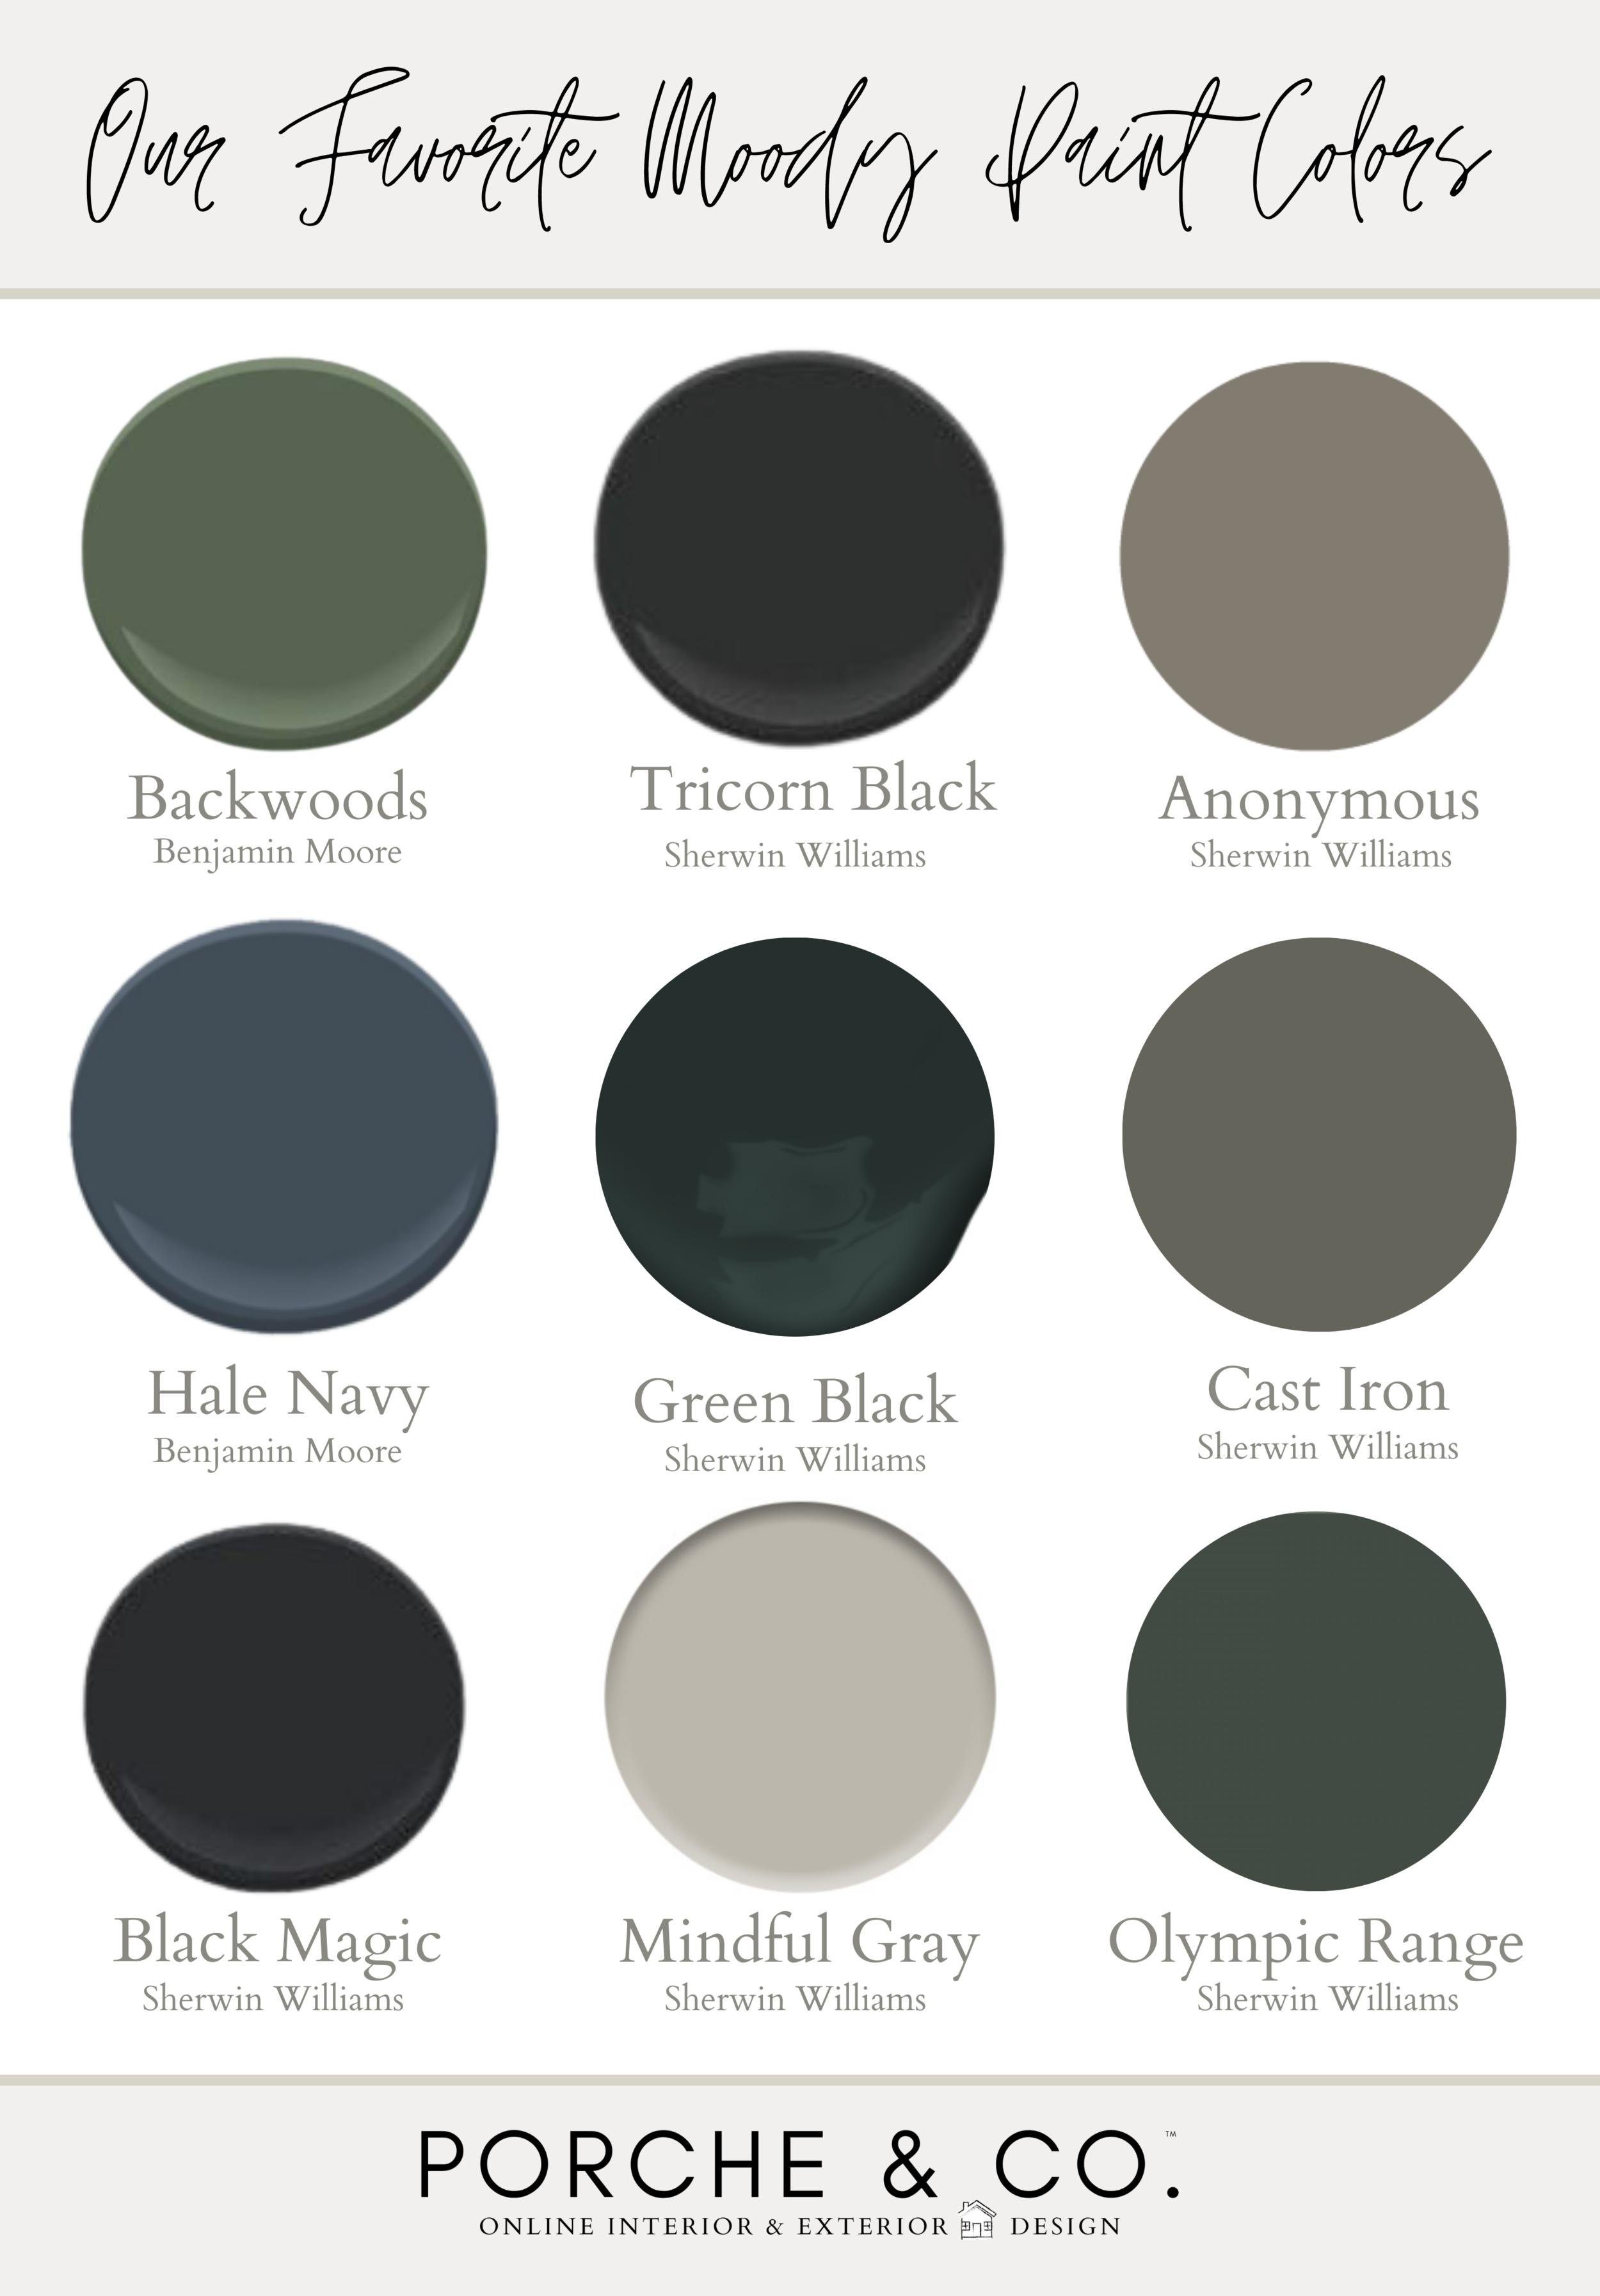 Porche Tips & Tricks Our Favorite Moody Paint Colors — Porche & Co.